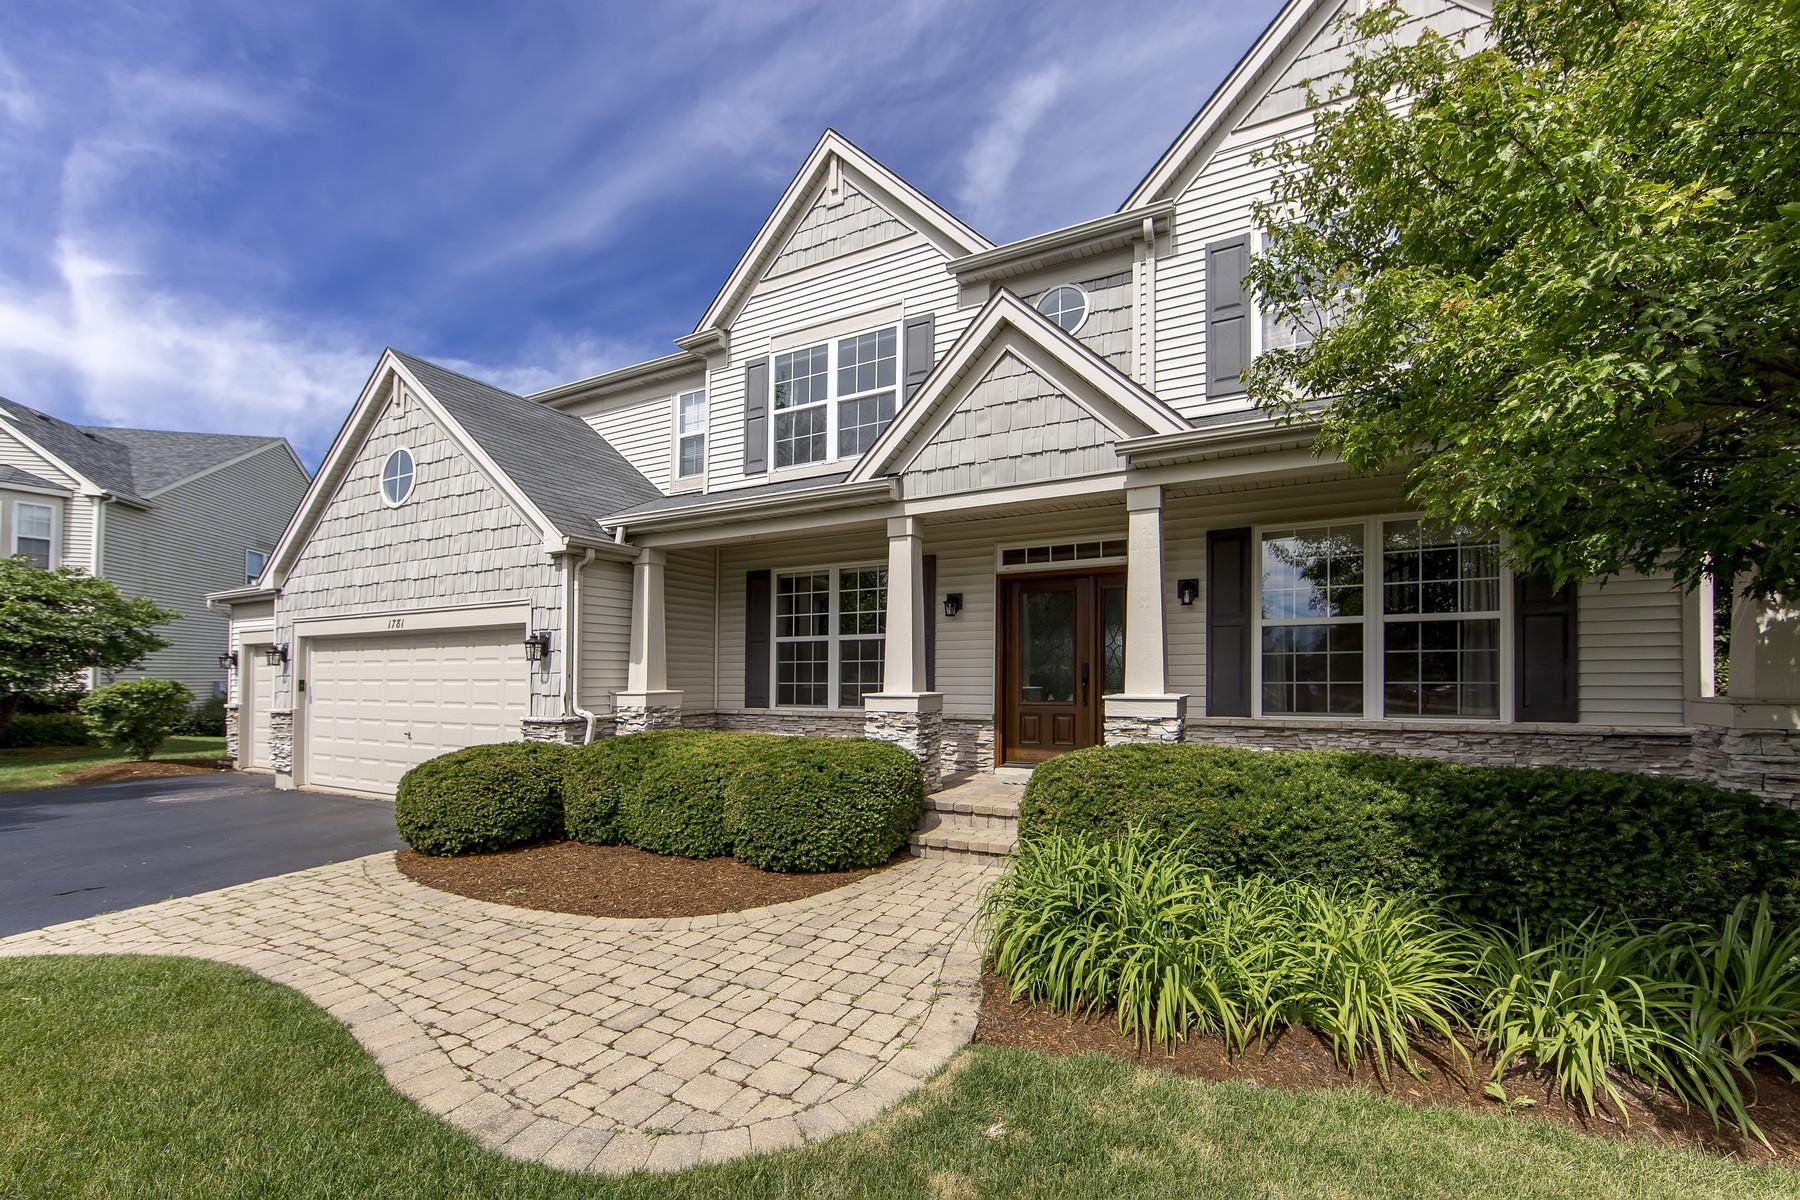 Maison unifamiliale pour l Vente à Expanded Family Home 1781 Napa Suwe Court Wauconda, Illinois, 60084 États-Unis